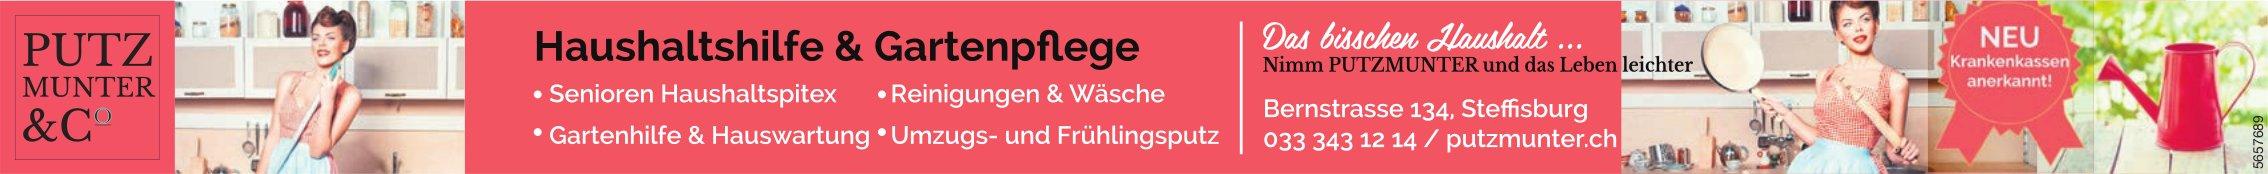 Putzmunter & Co., Steffisburg - Haushaltshilfe & Gartenpflege